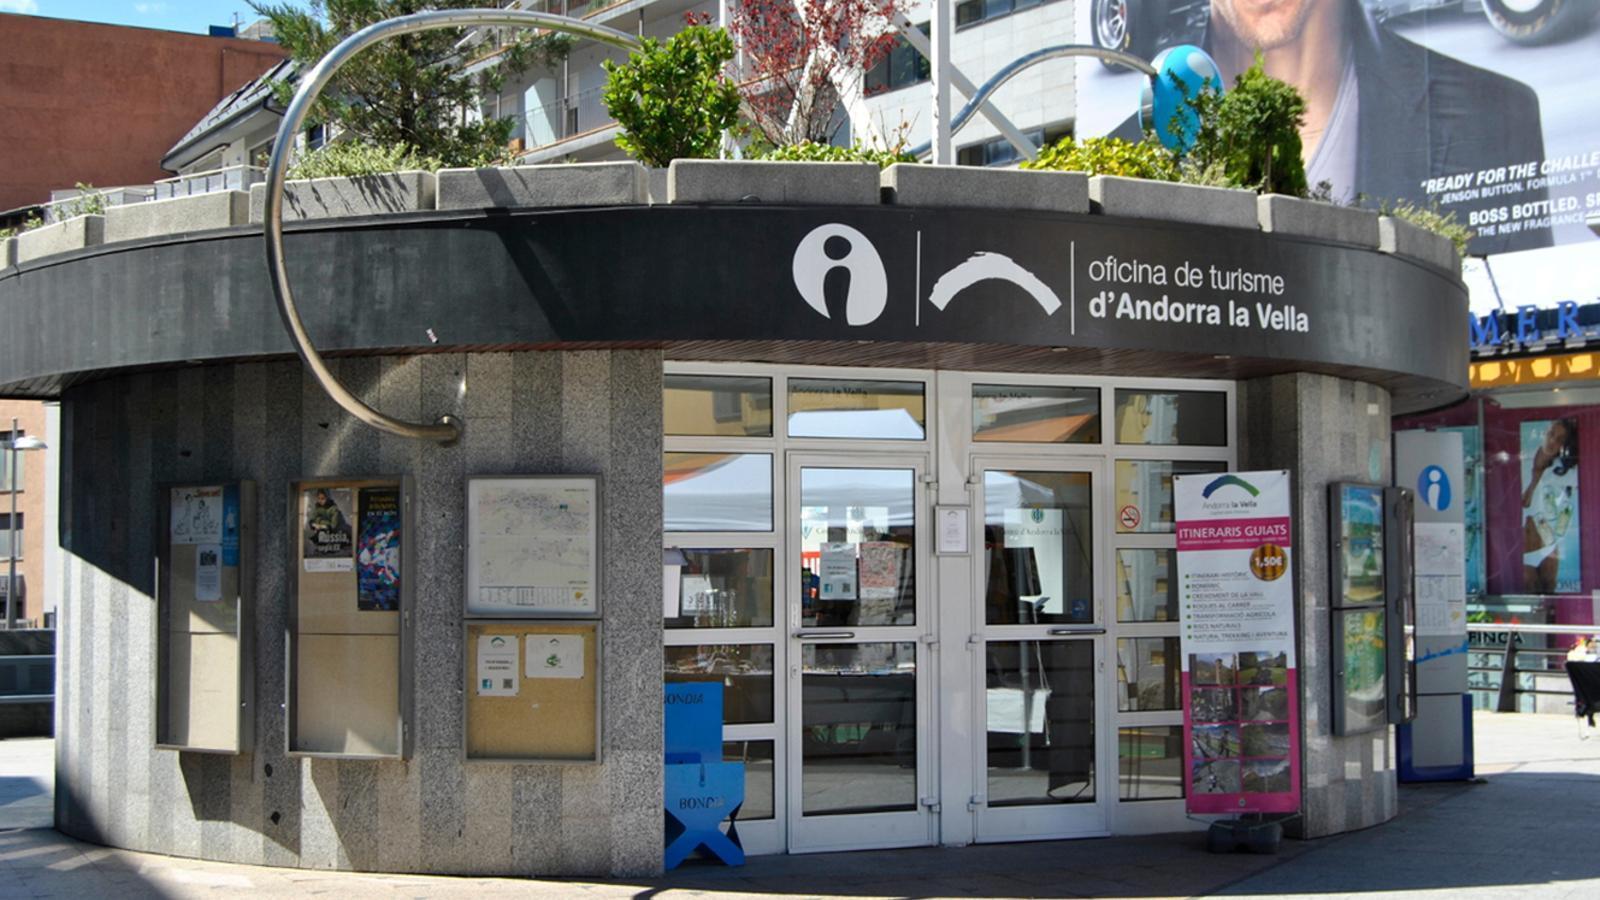 L 39 oficina de turisme d 39 andorra la vella at n un 6 m s d for Oficina de turisme